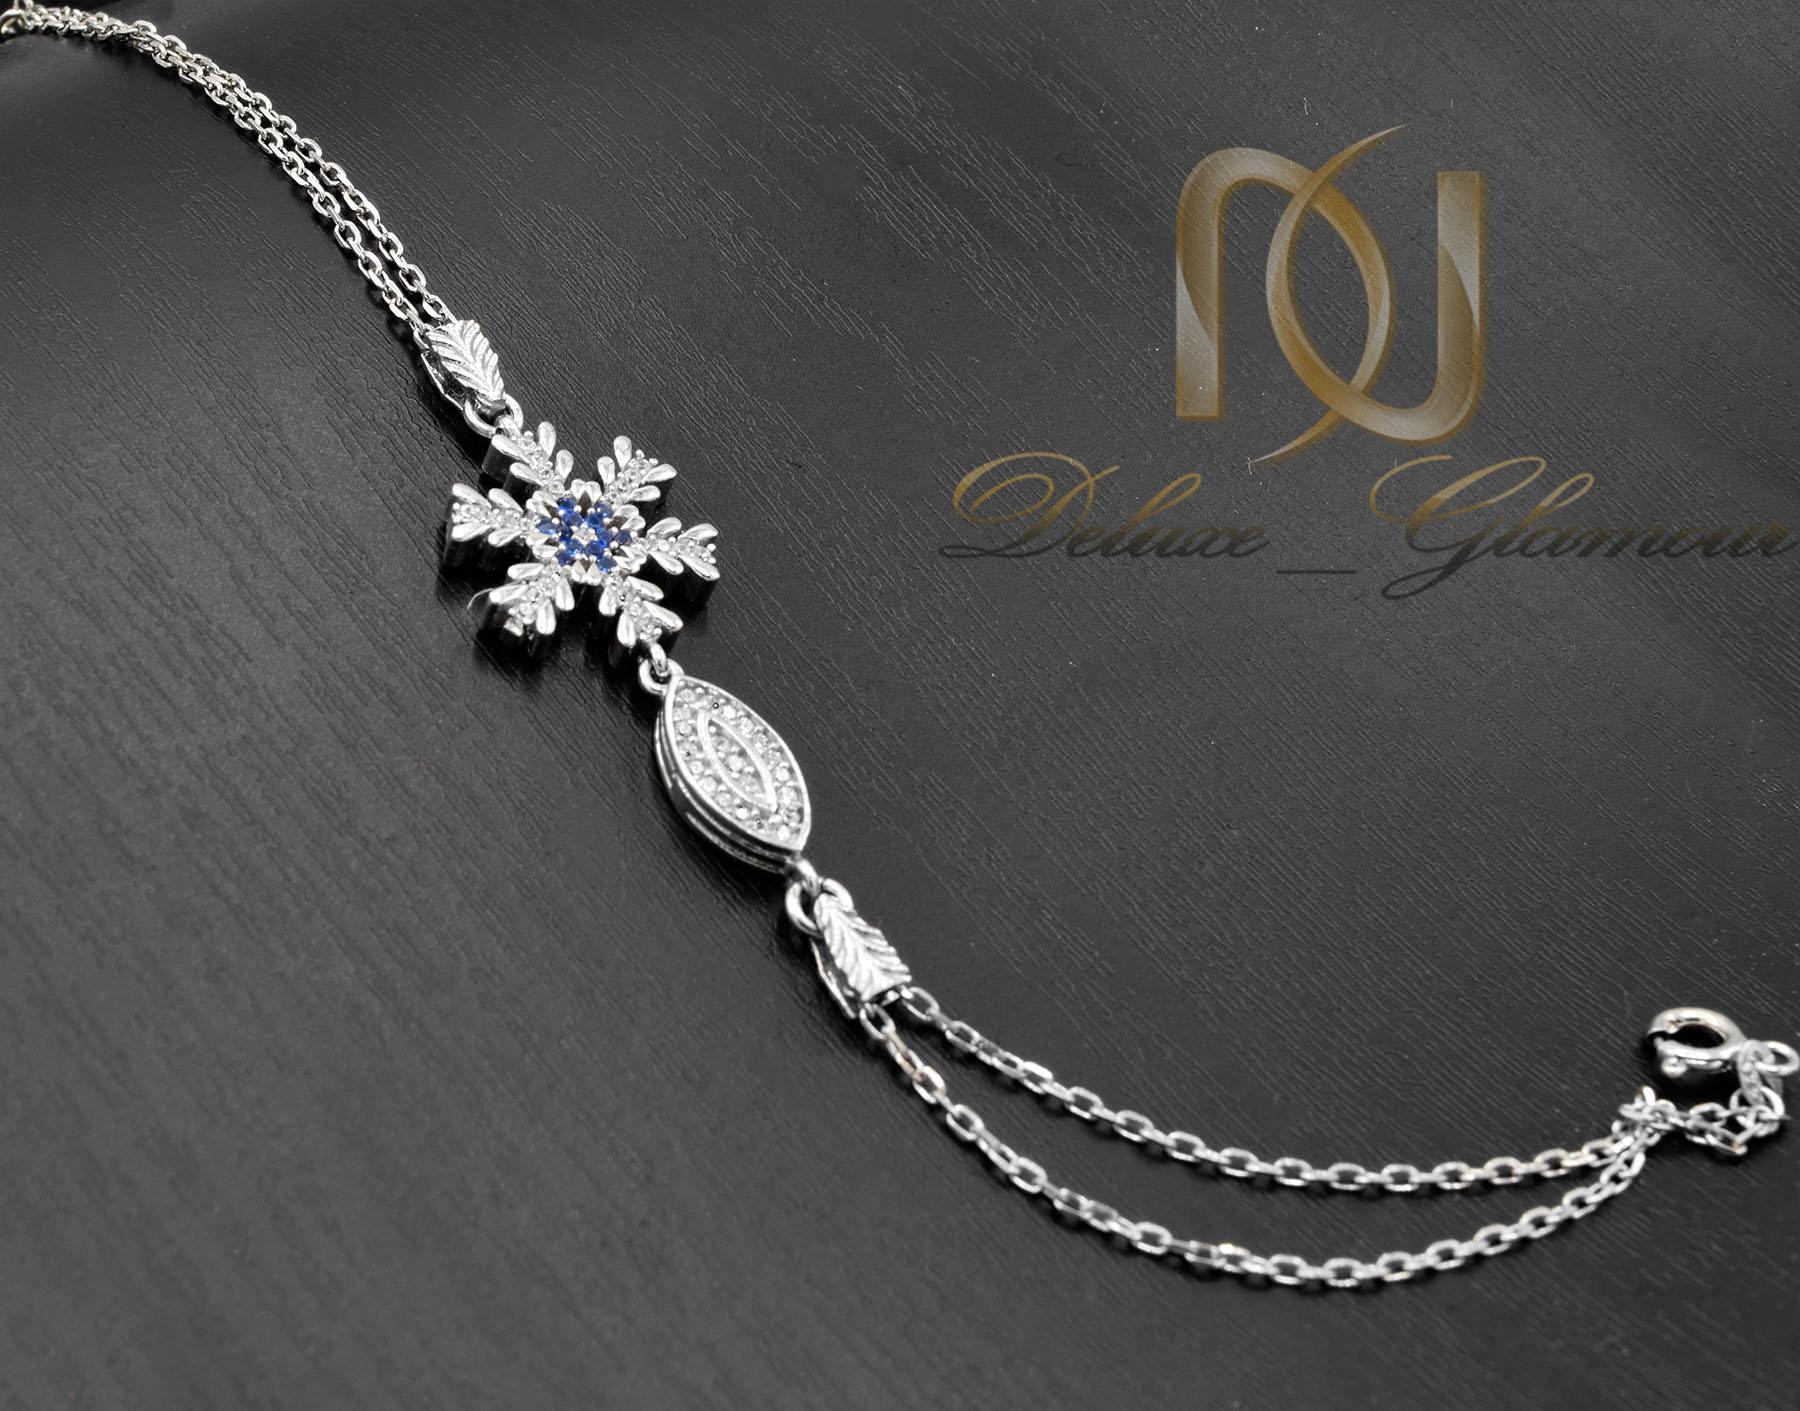 دستبند دخترانه نقره زنجیری طرح برف ds-n473 از نمای مشکی